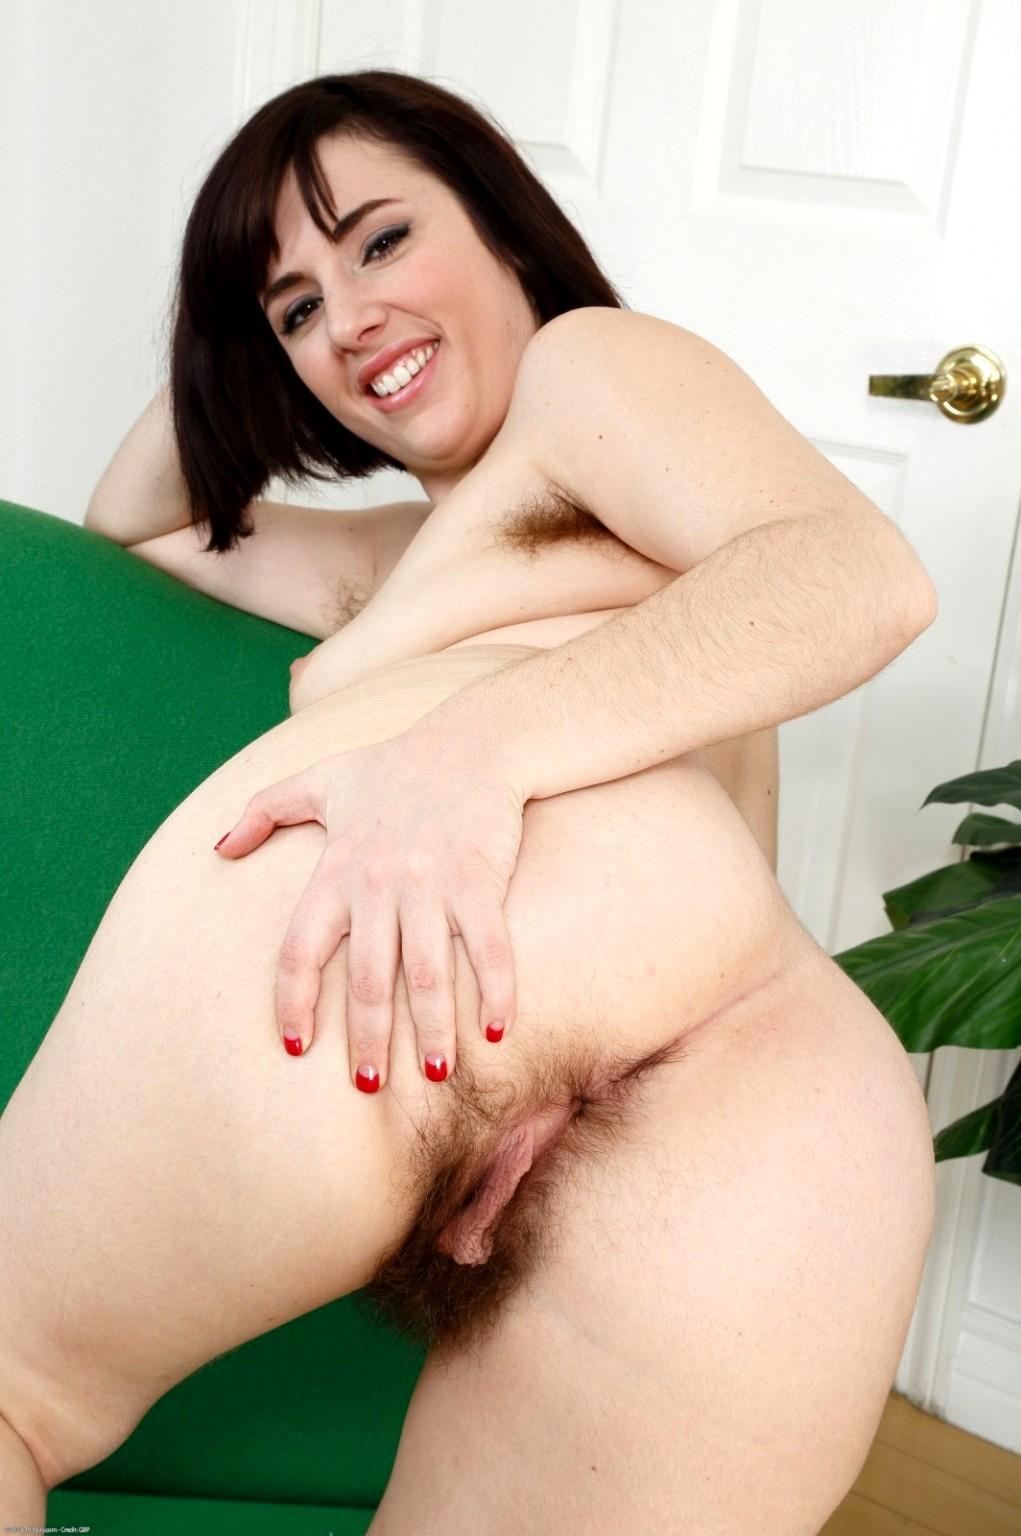 Hairy Porn Ass